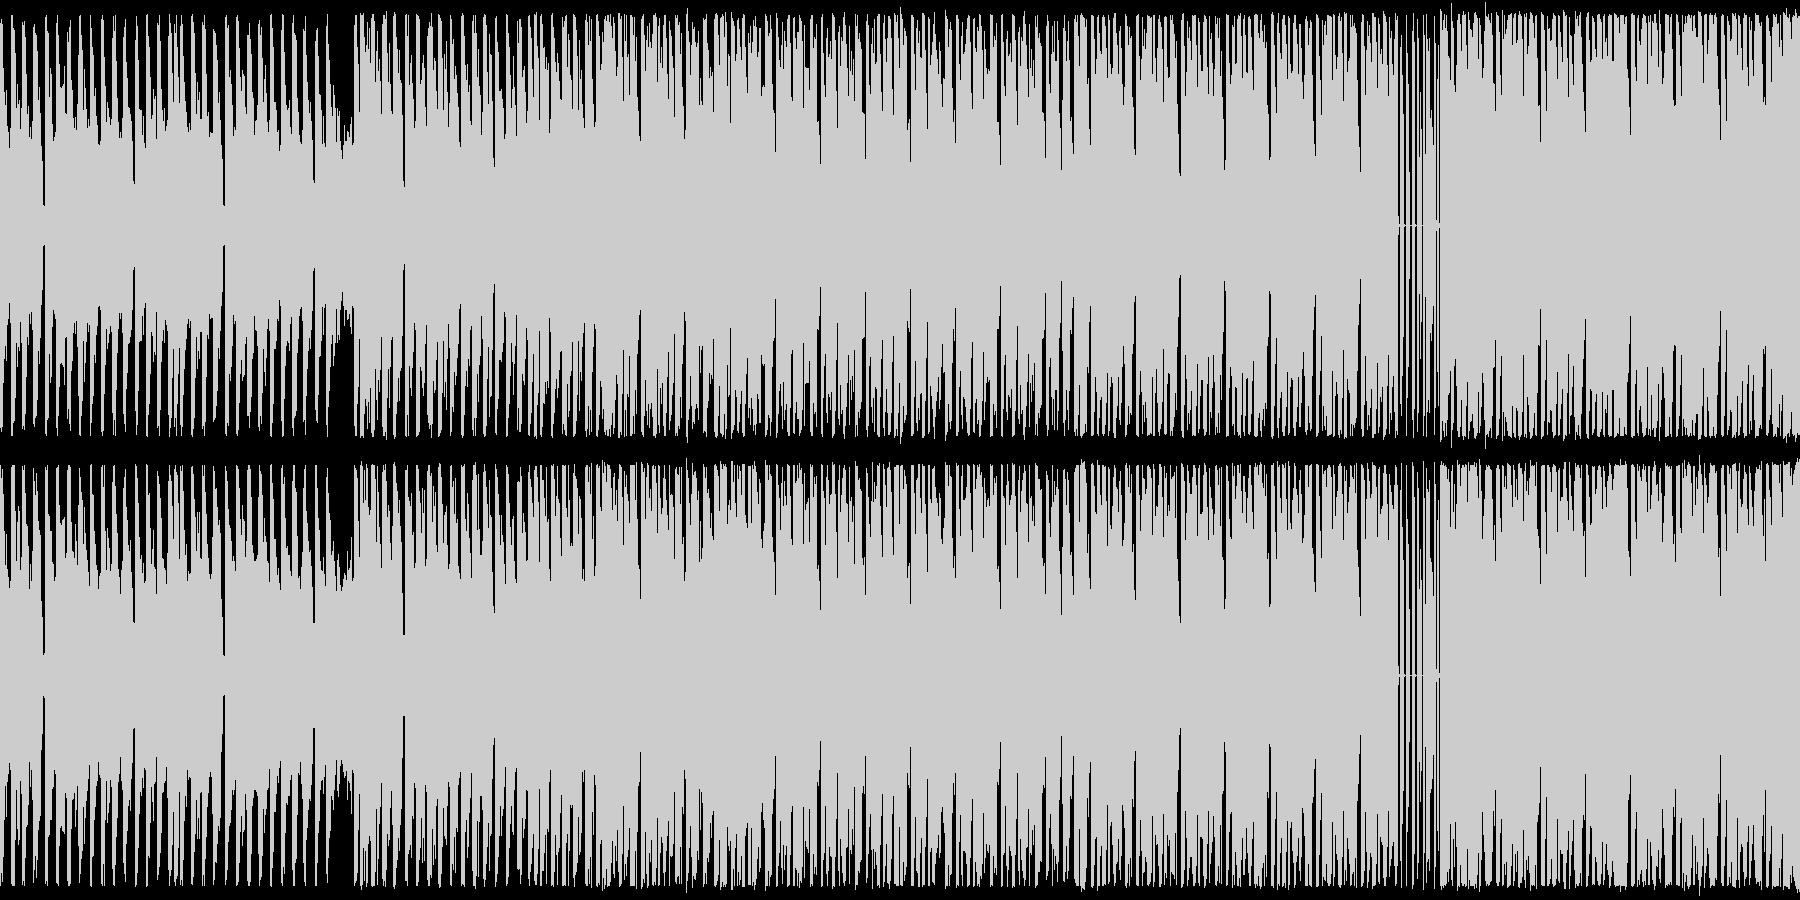 ループ,幻想的なテクノBGMの未再生の波形